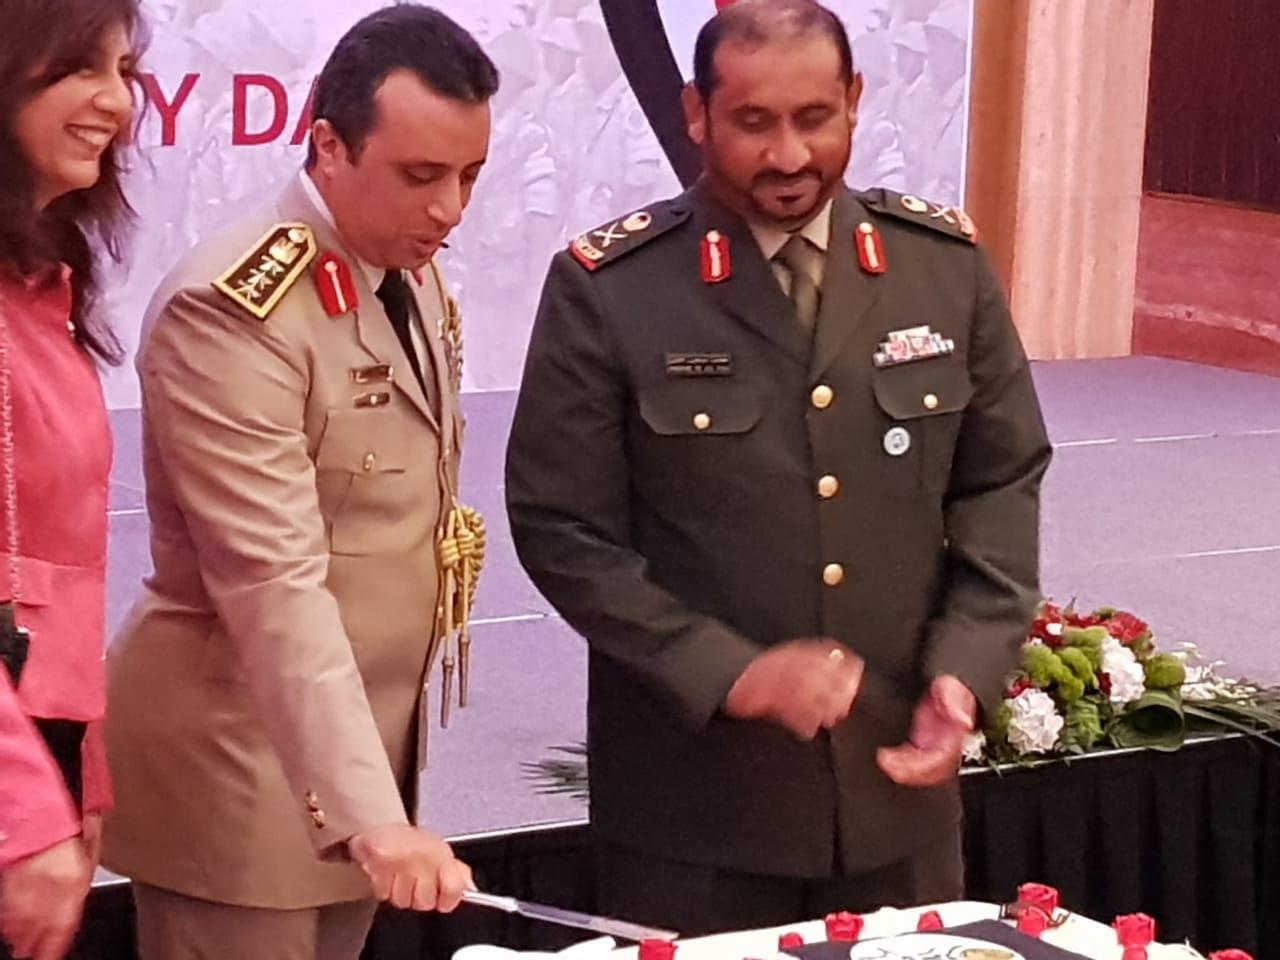 944acc50f أخر كلام   مكتب الدفاع المصري بأبو ظبي يحتفي بذكري انتصارات أكتوبر